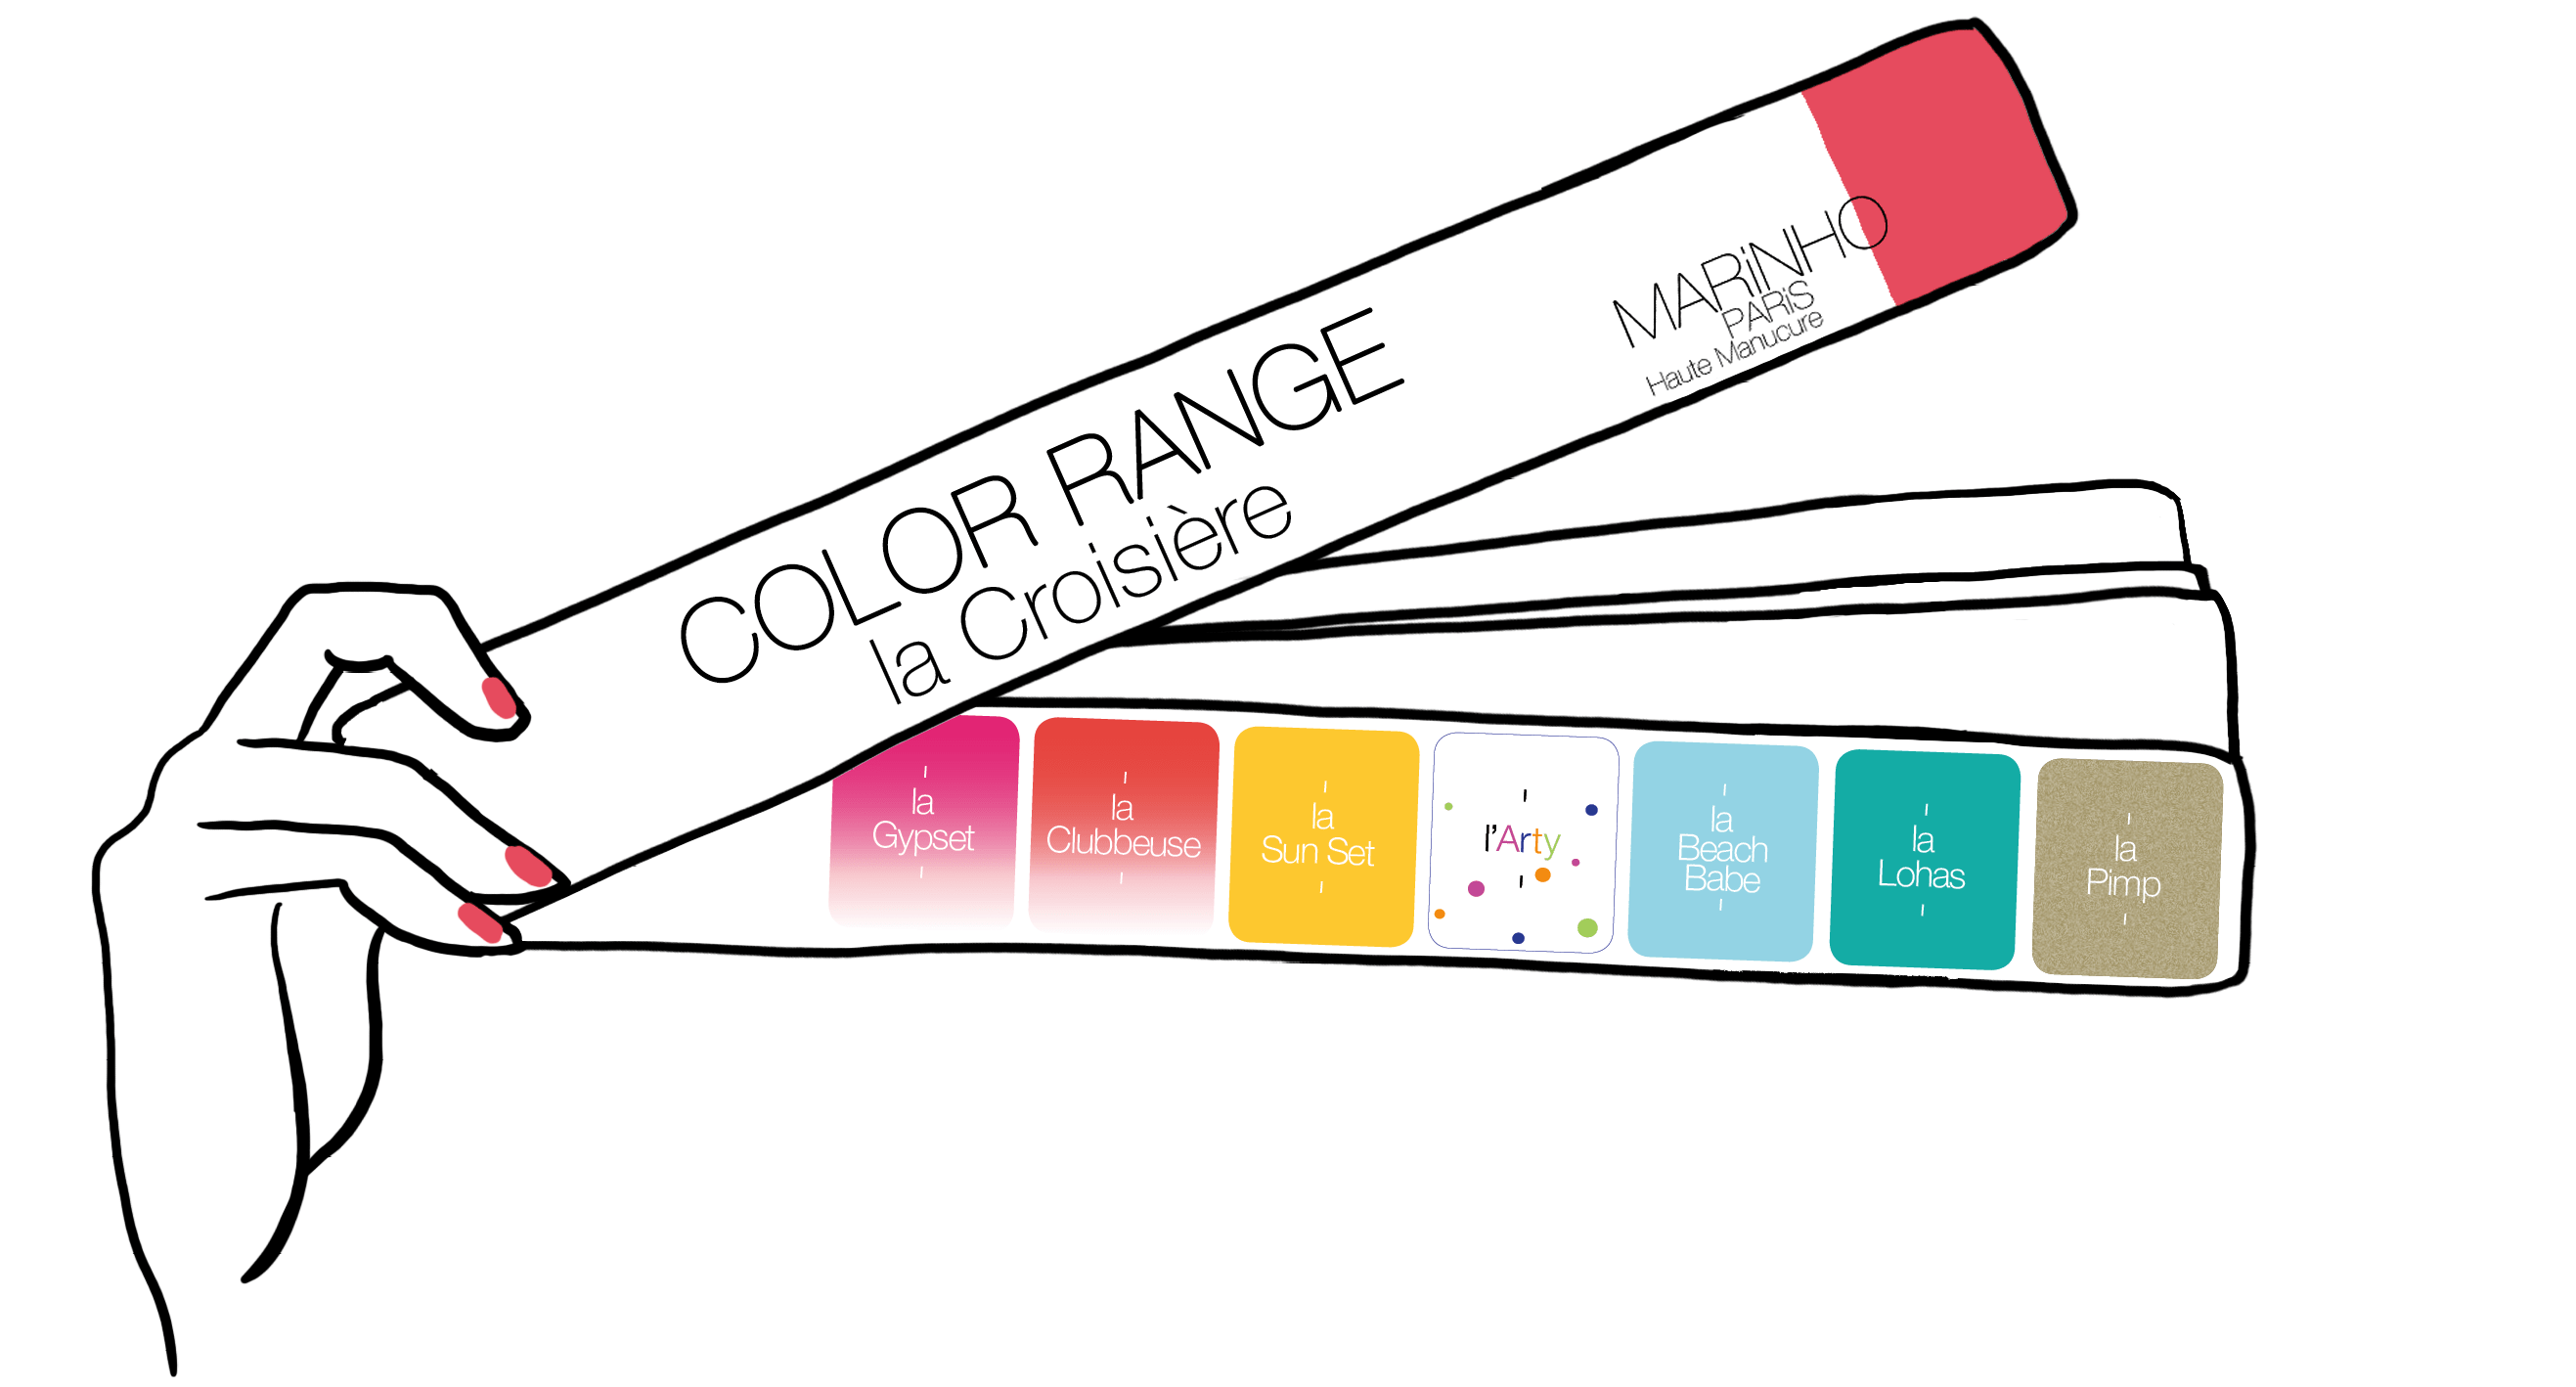 gamme couleur marinho paris été 2019 pour la croisière. Vernis rose, orange, bleu, jaune et doré